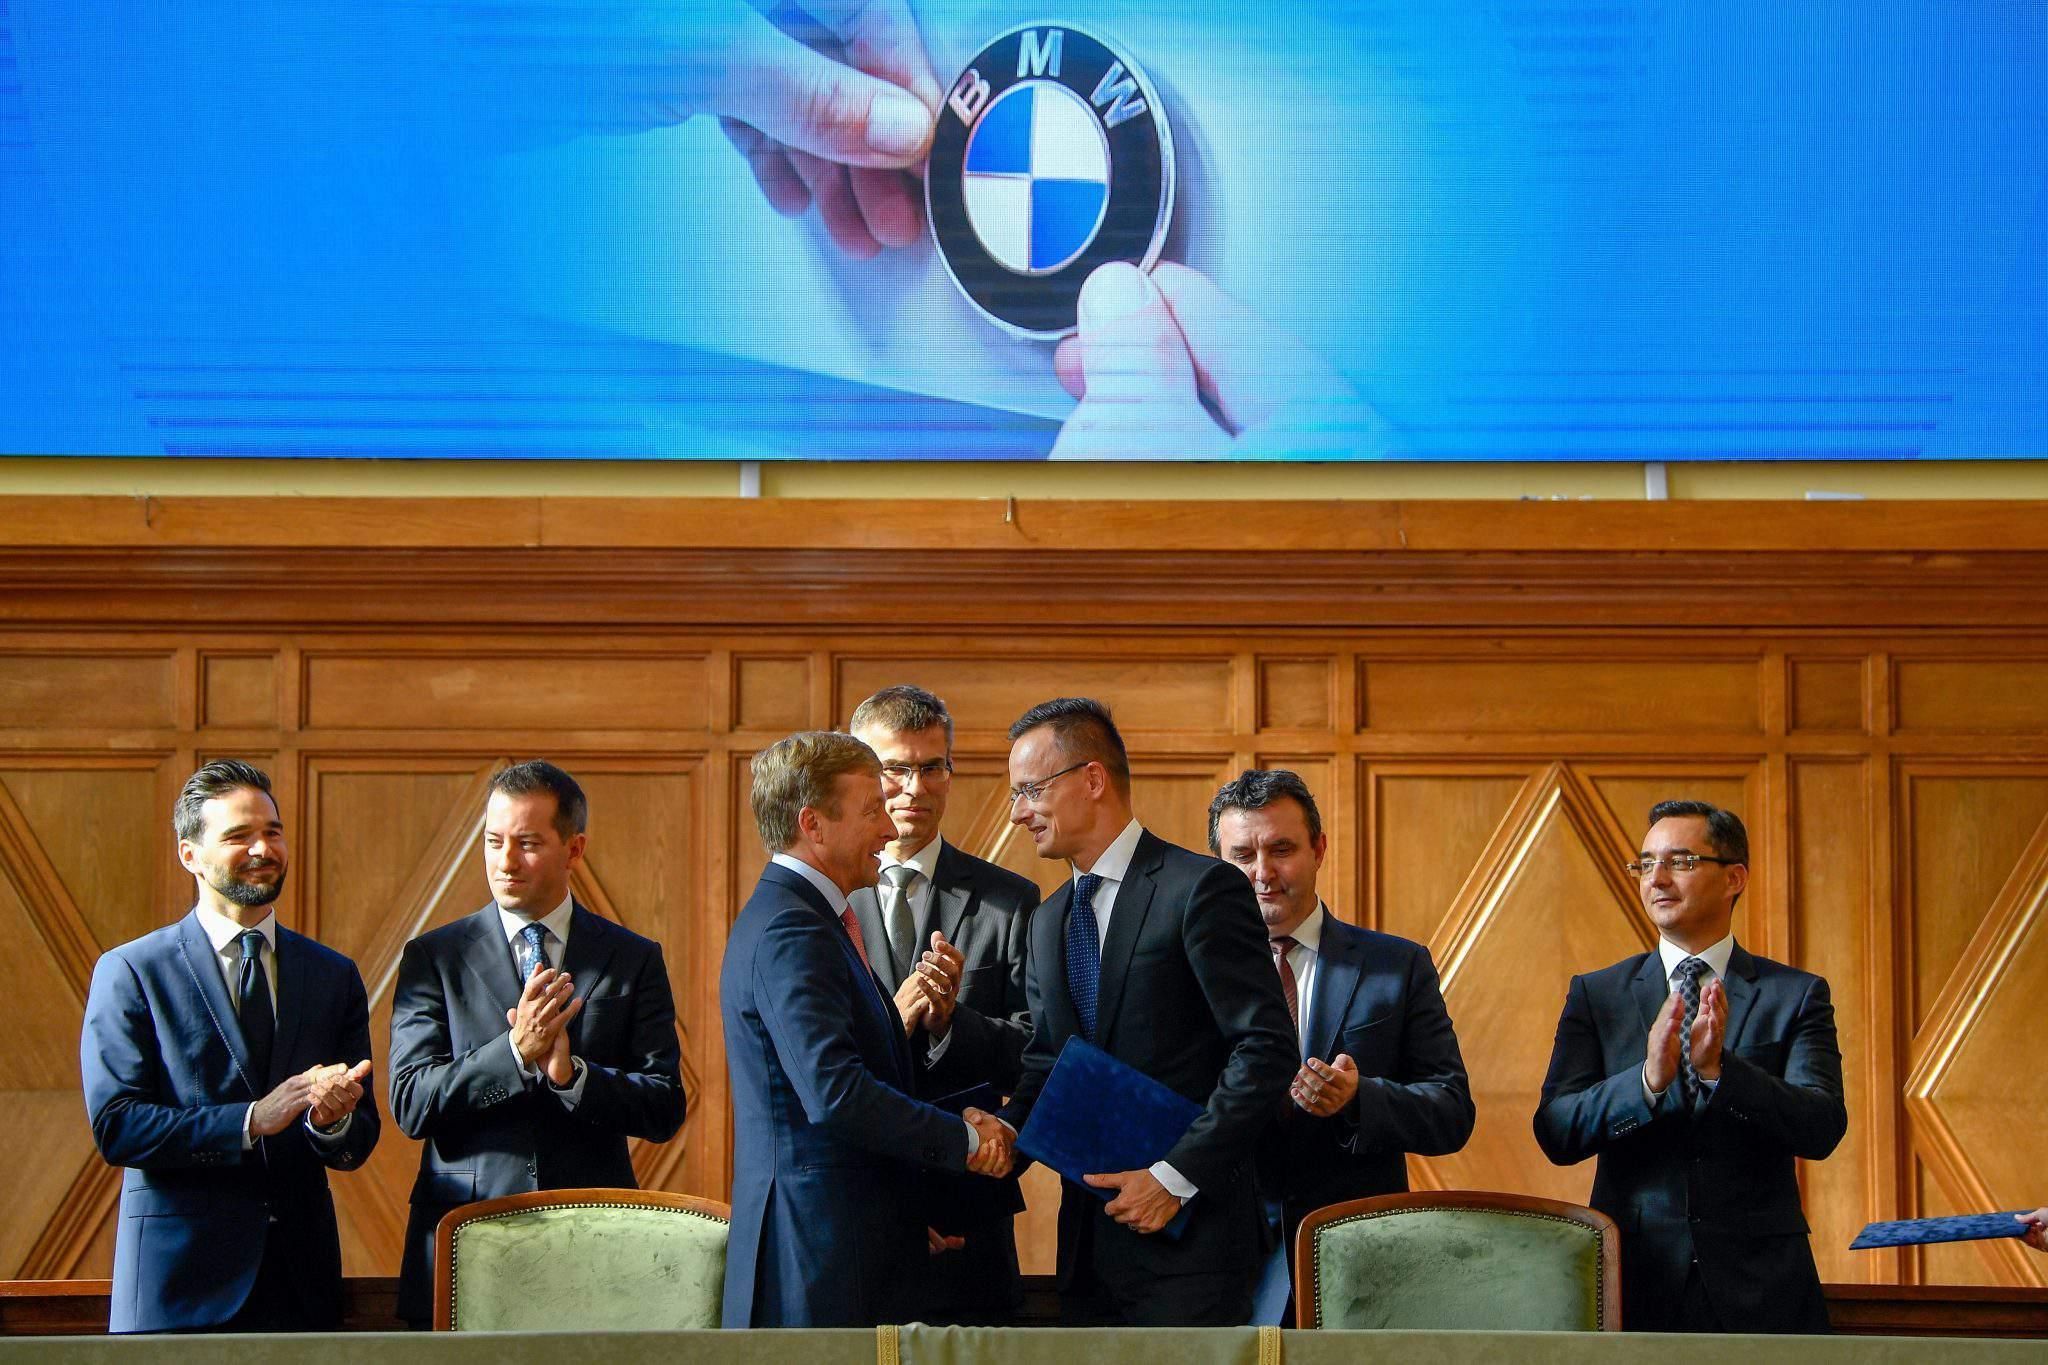 BMW debrecen